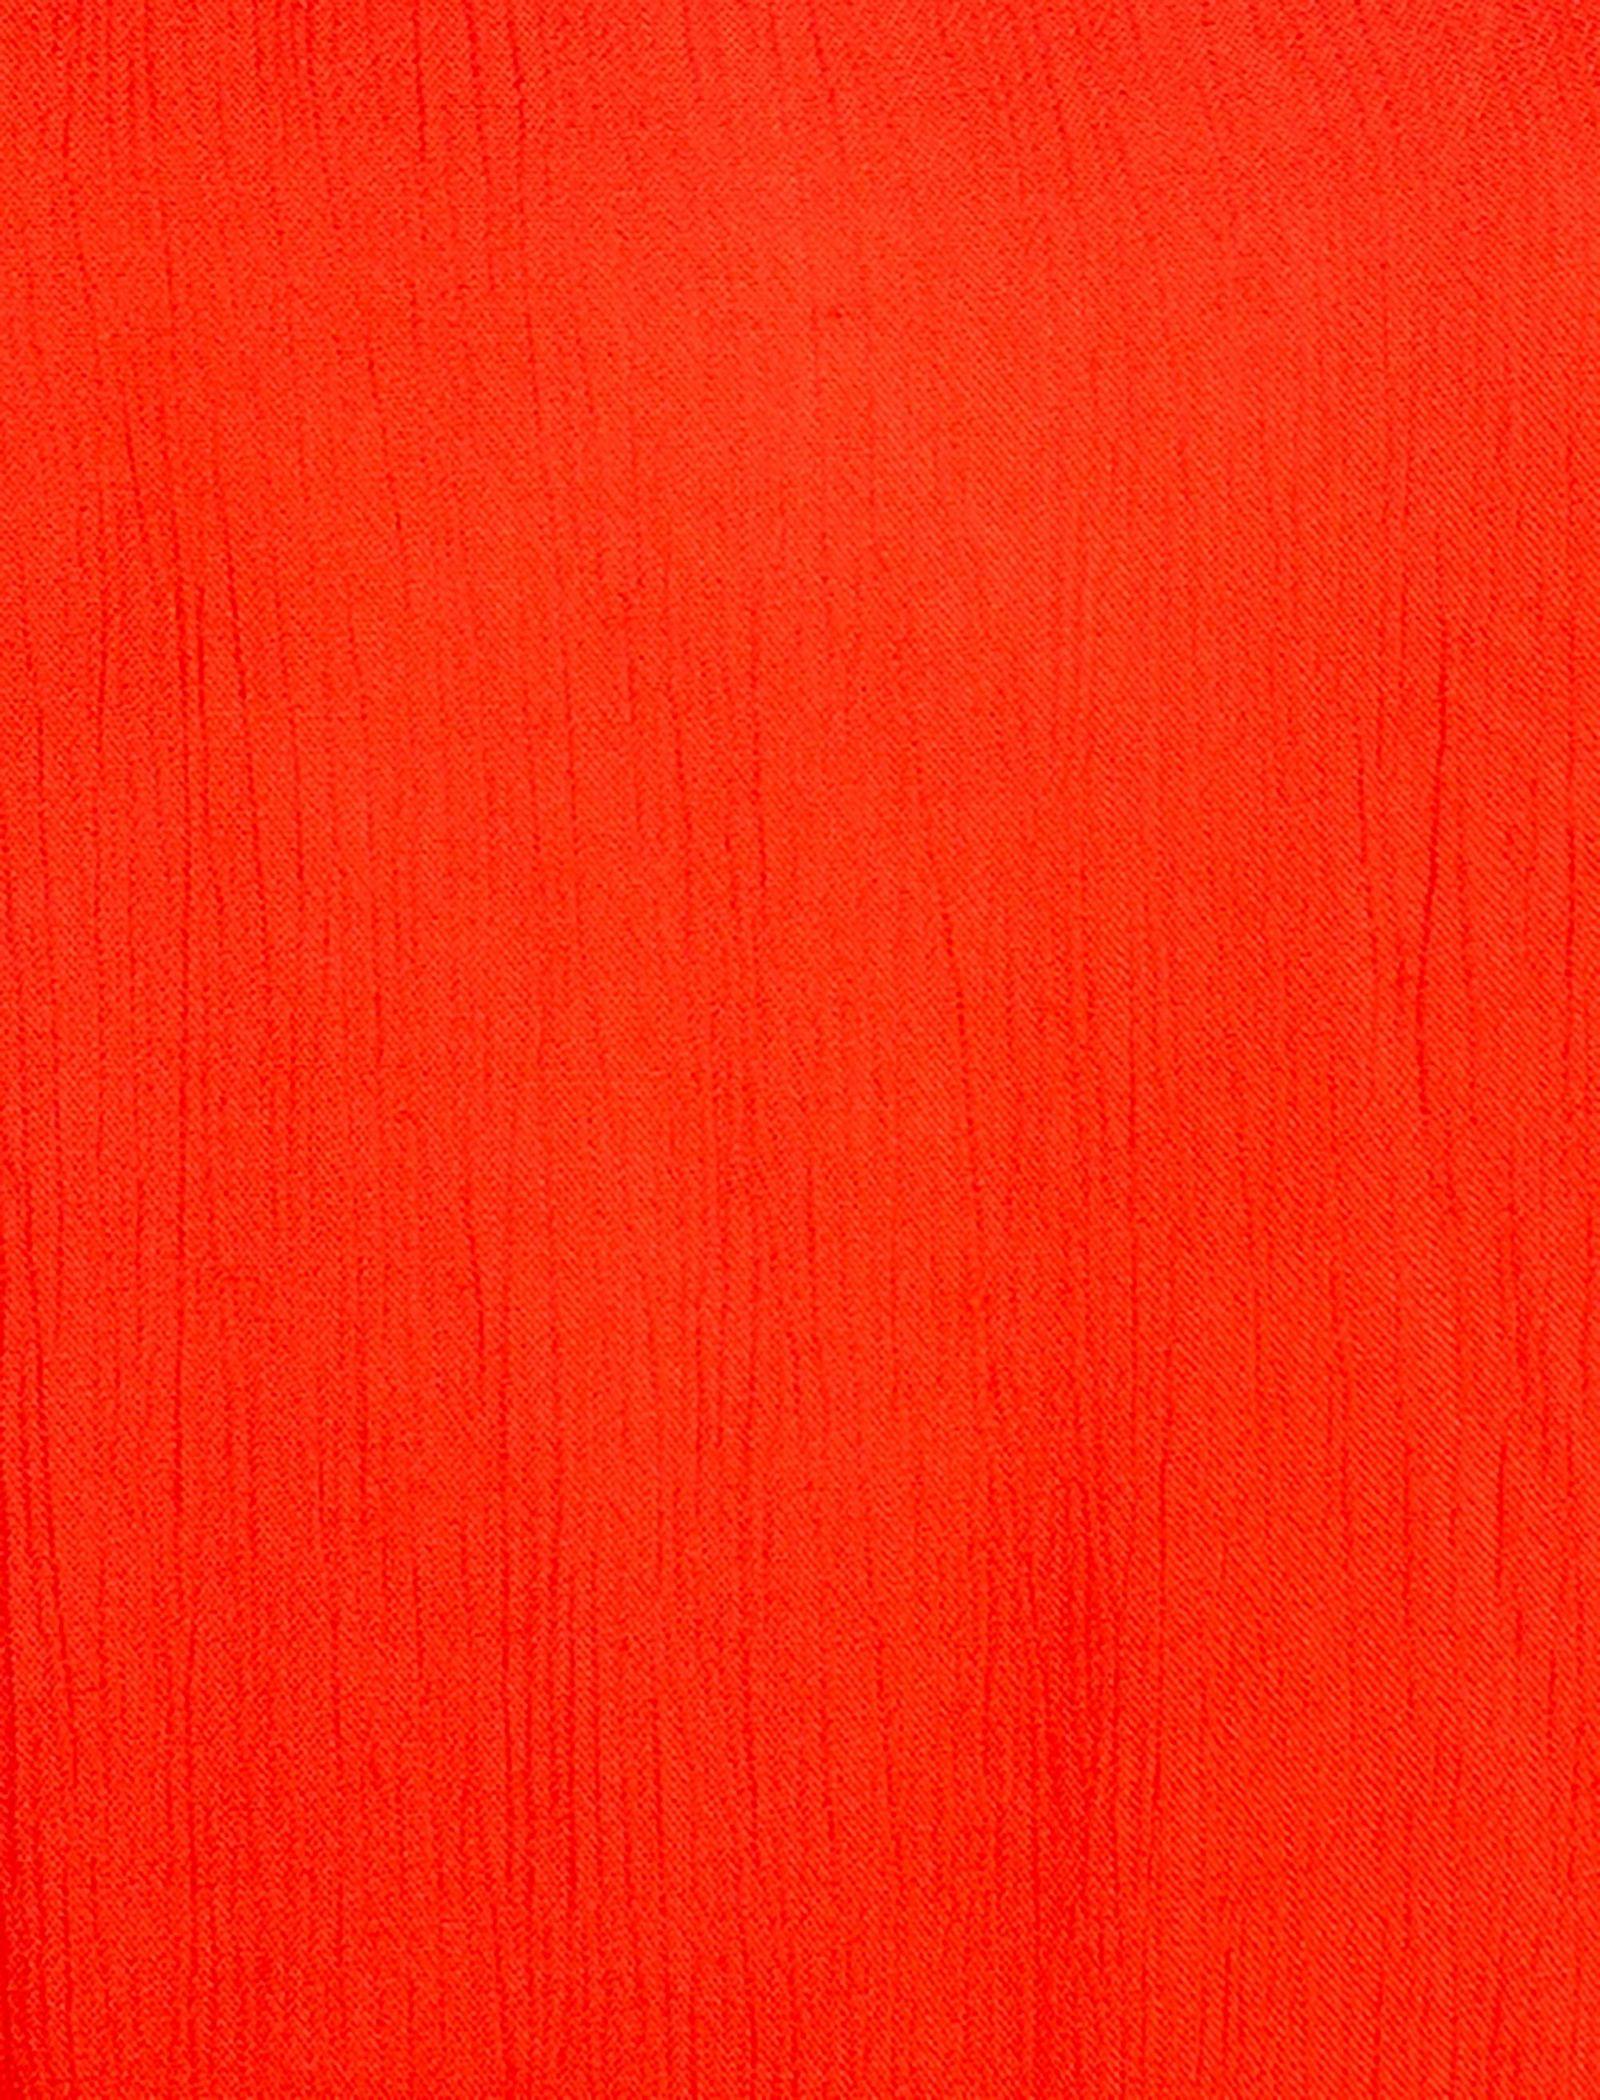 تاپ ویسکوز بندی زنانه - ام بای ام - نارنجي  - 4